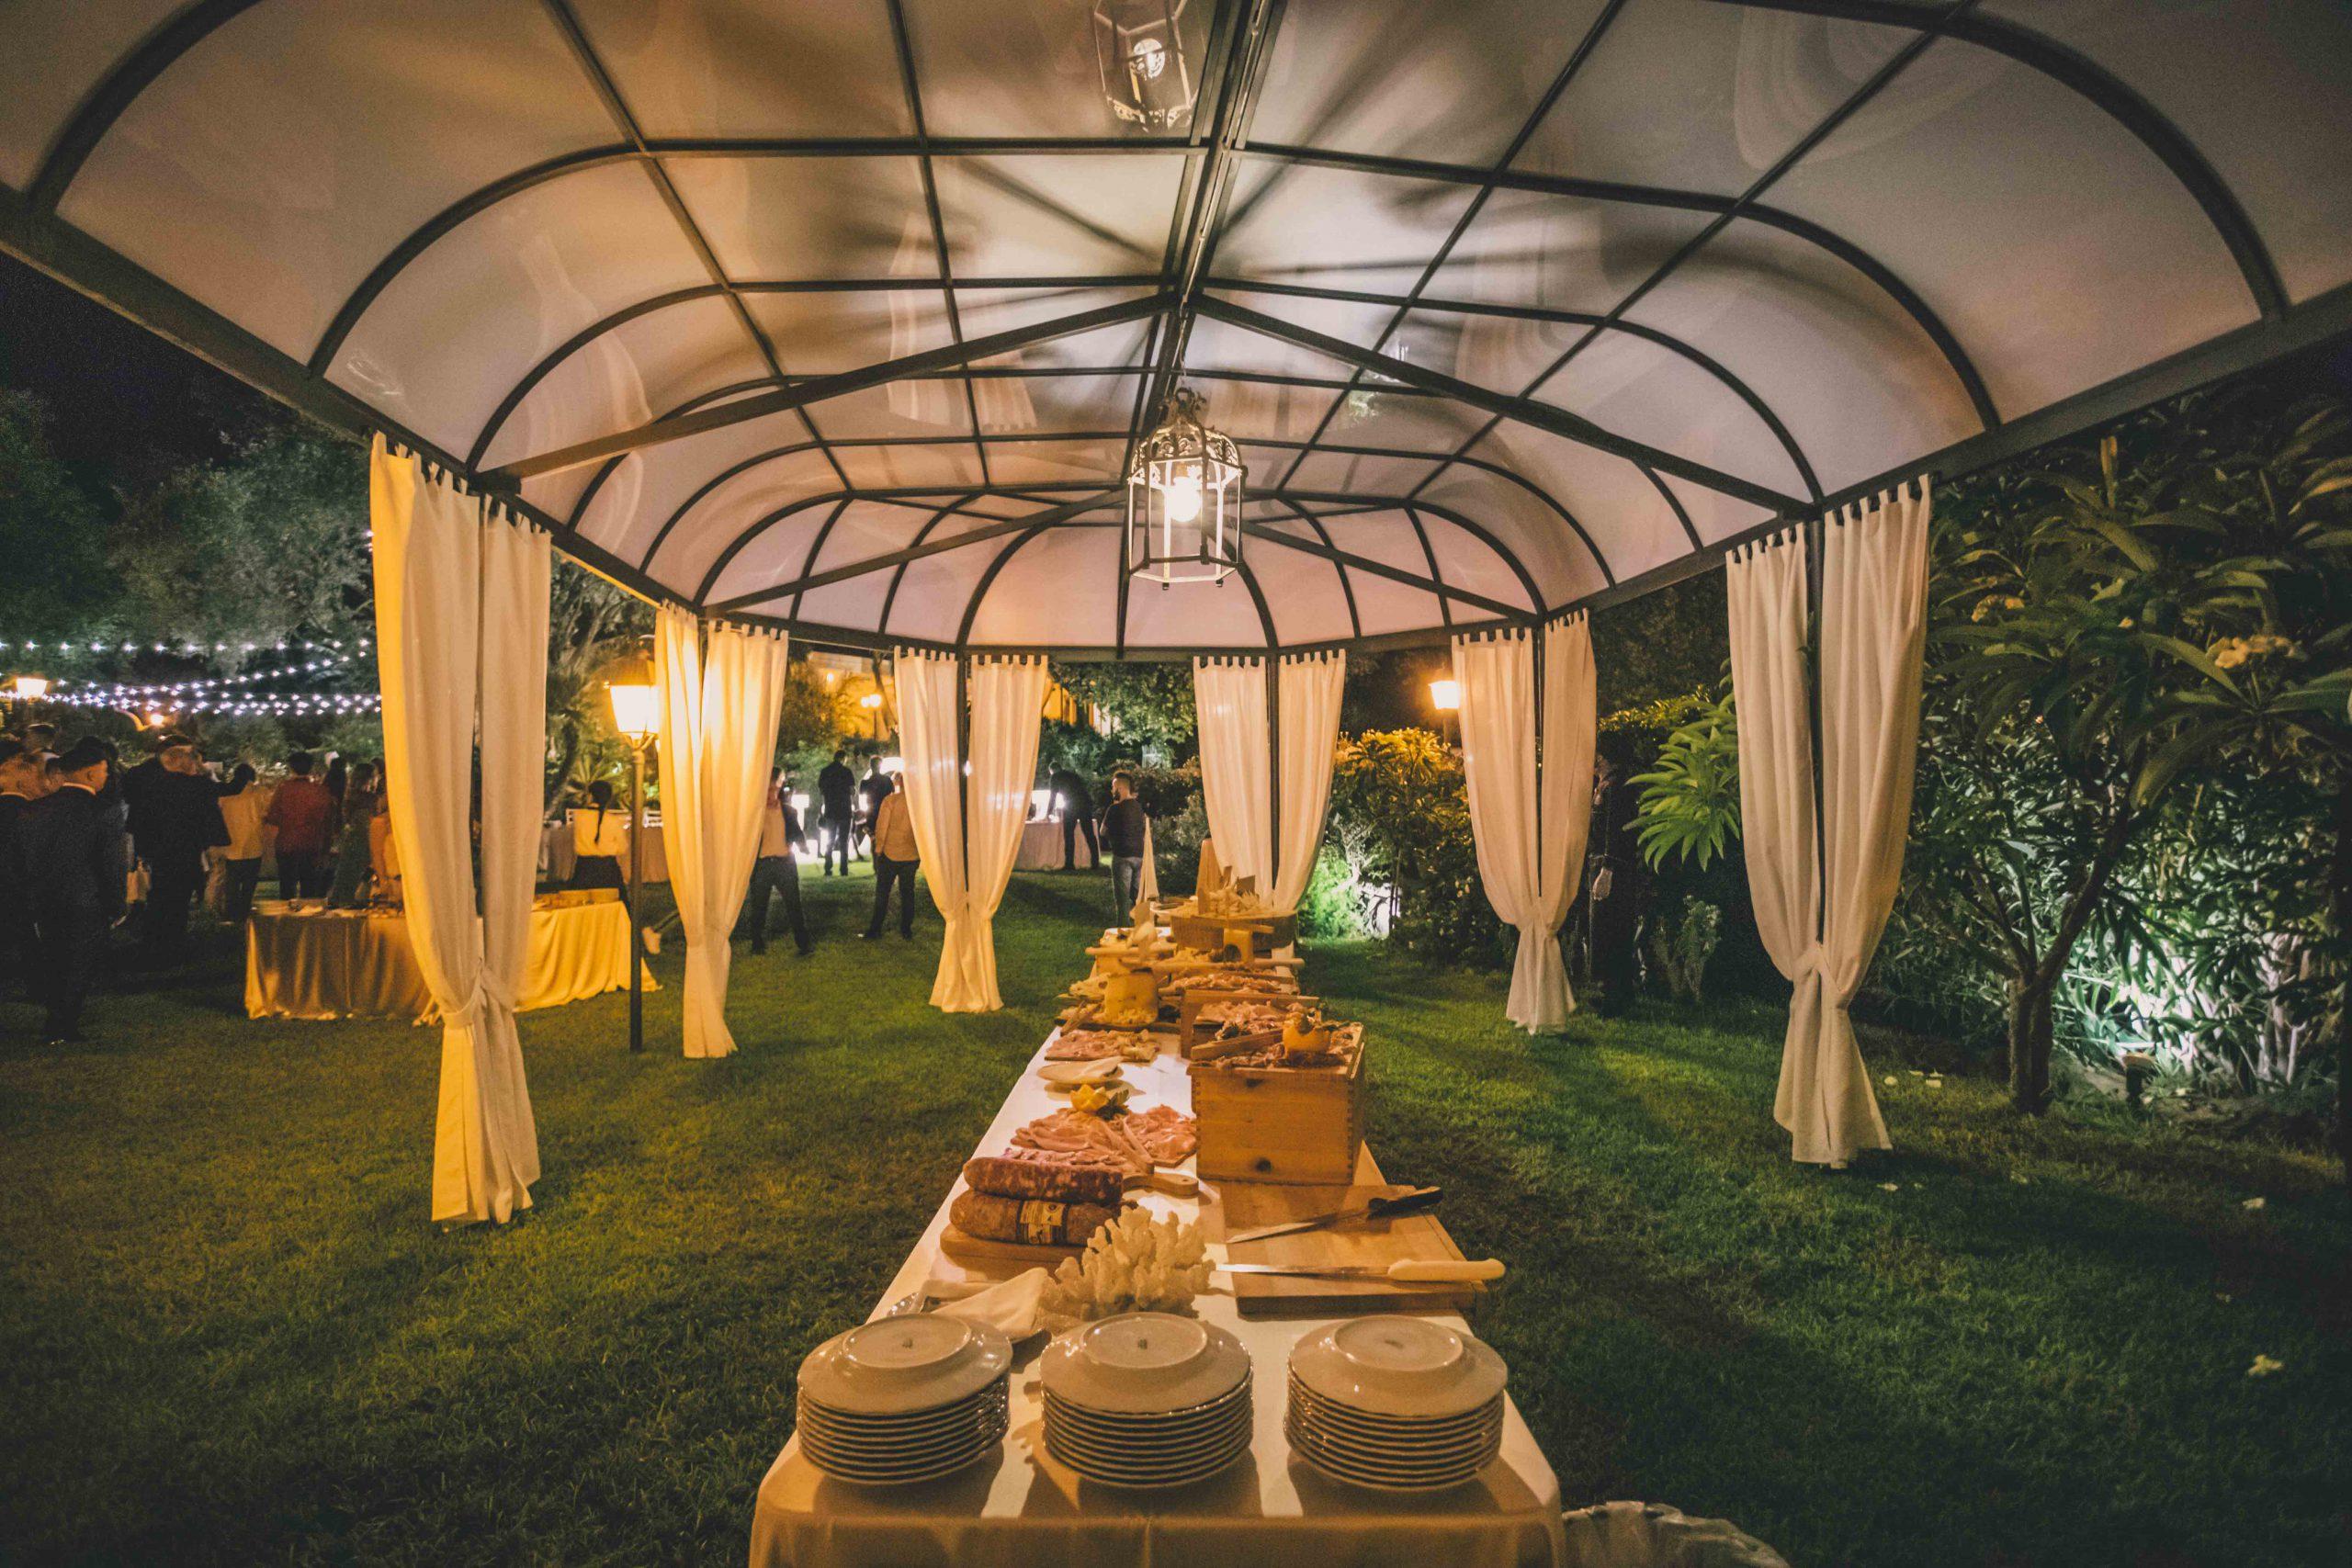 Preziosi: ecco cosa sono per noi i tuoi desideri. Vesti di bellezza il tuo matrimonio! Villa Musmeci dona fascino ed eleganza al tuo sì.